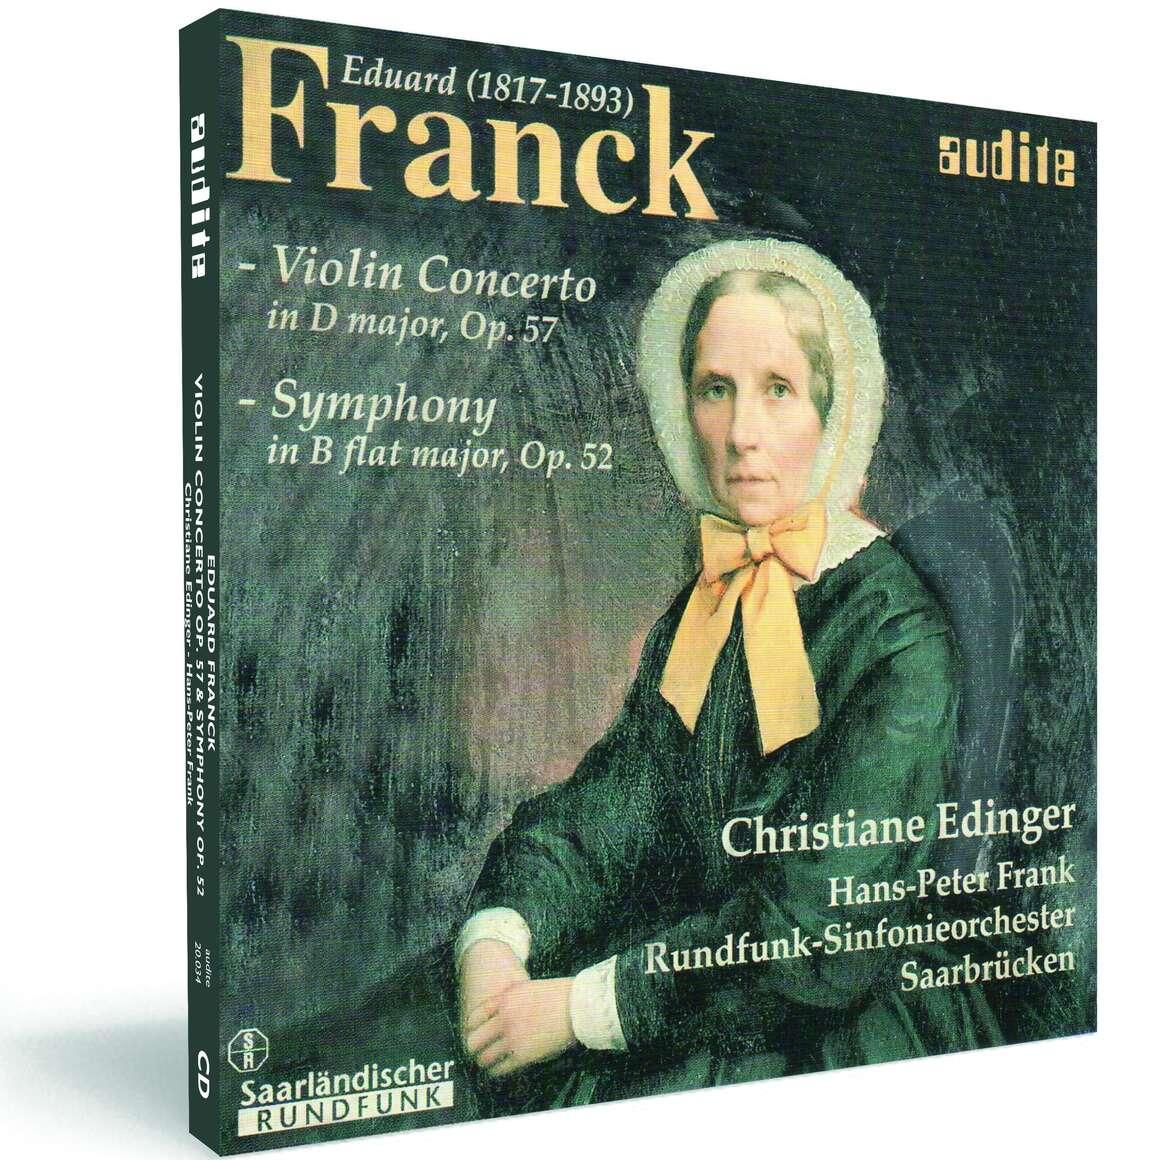 E. Franck: Orchestral Works II